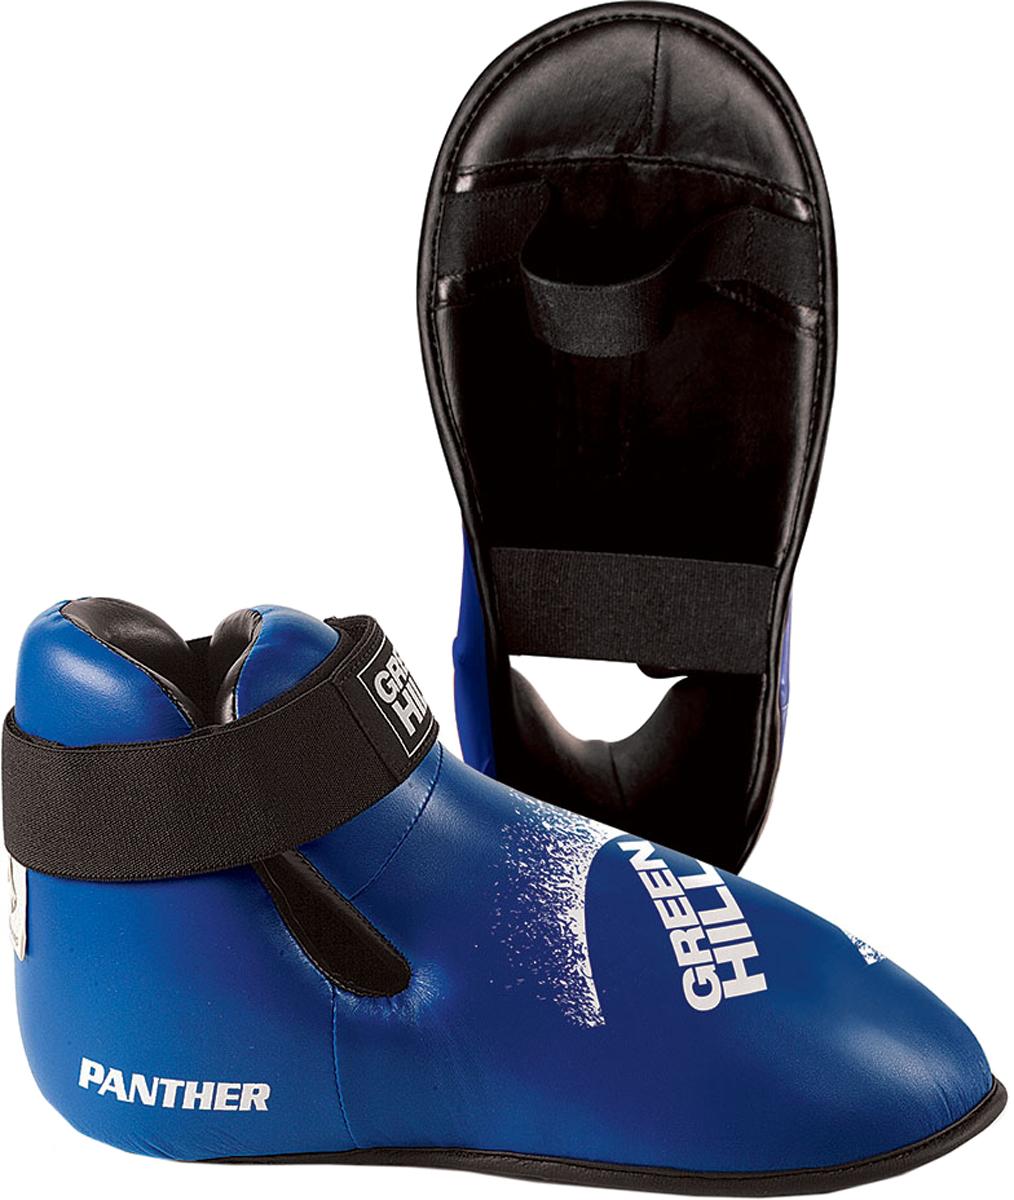 Футы Green Hill Panther, цвет: синий. KBSP-3076. Размер XSKBSP-3076Футы для кикбоксинга.Сделаны из искусственной кожи.Крепления на резинках.Длина стопы 24 см, ширина 11 см. При выборе фут размер ноги должен быть меньше на 1-1,5см.